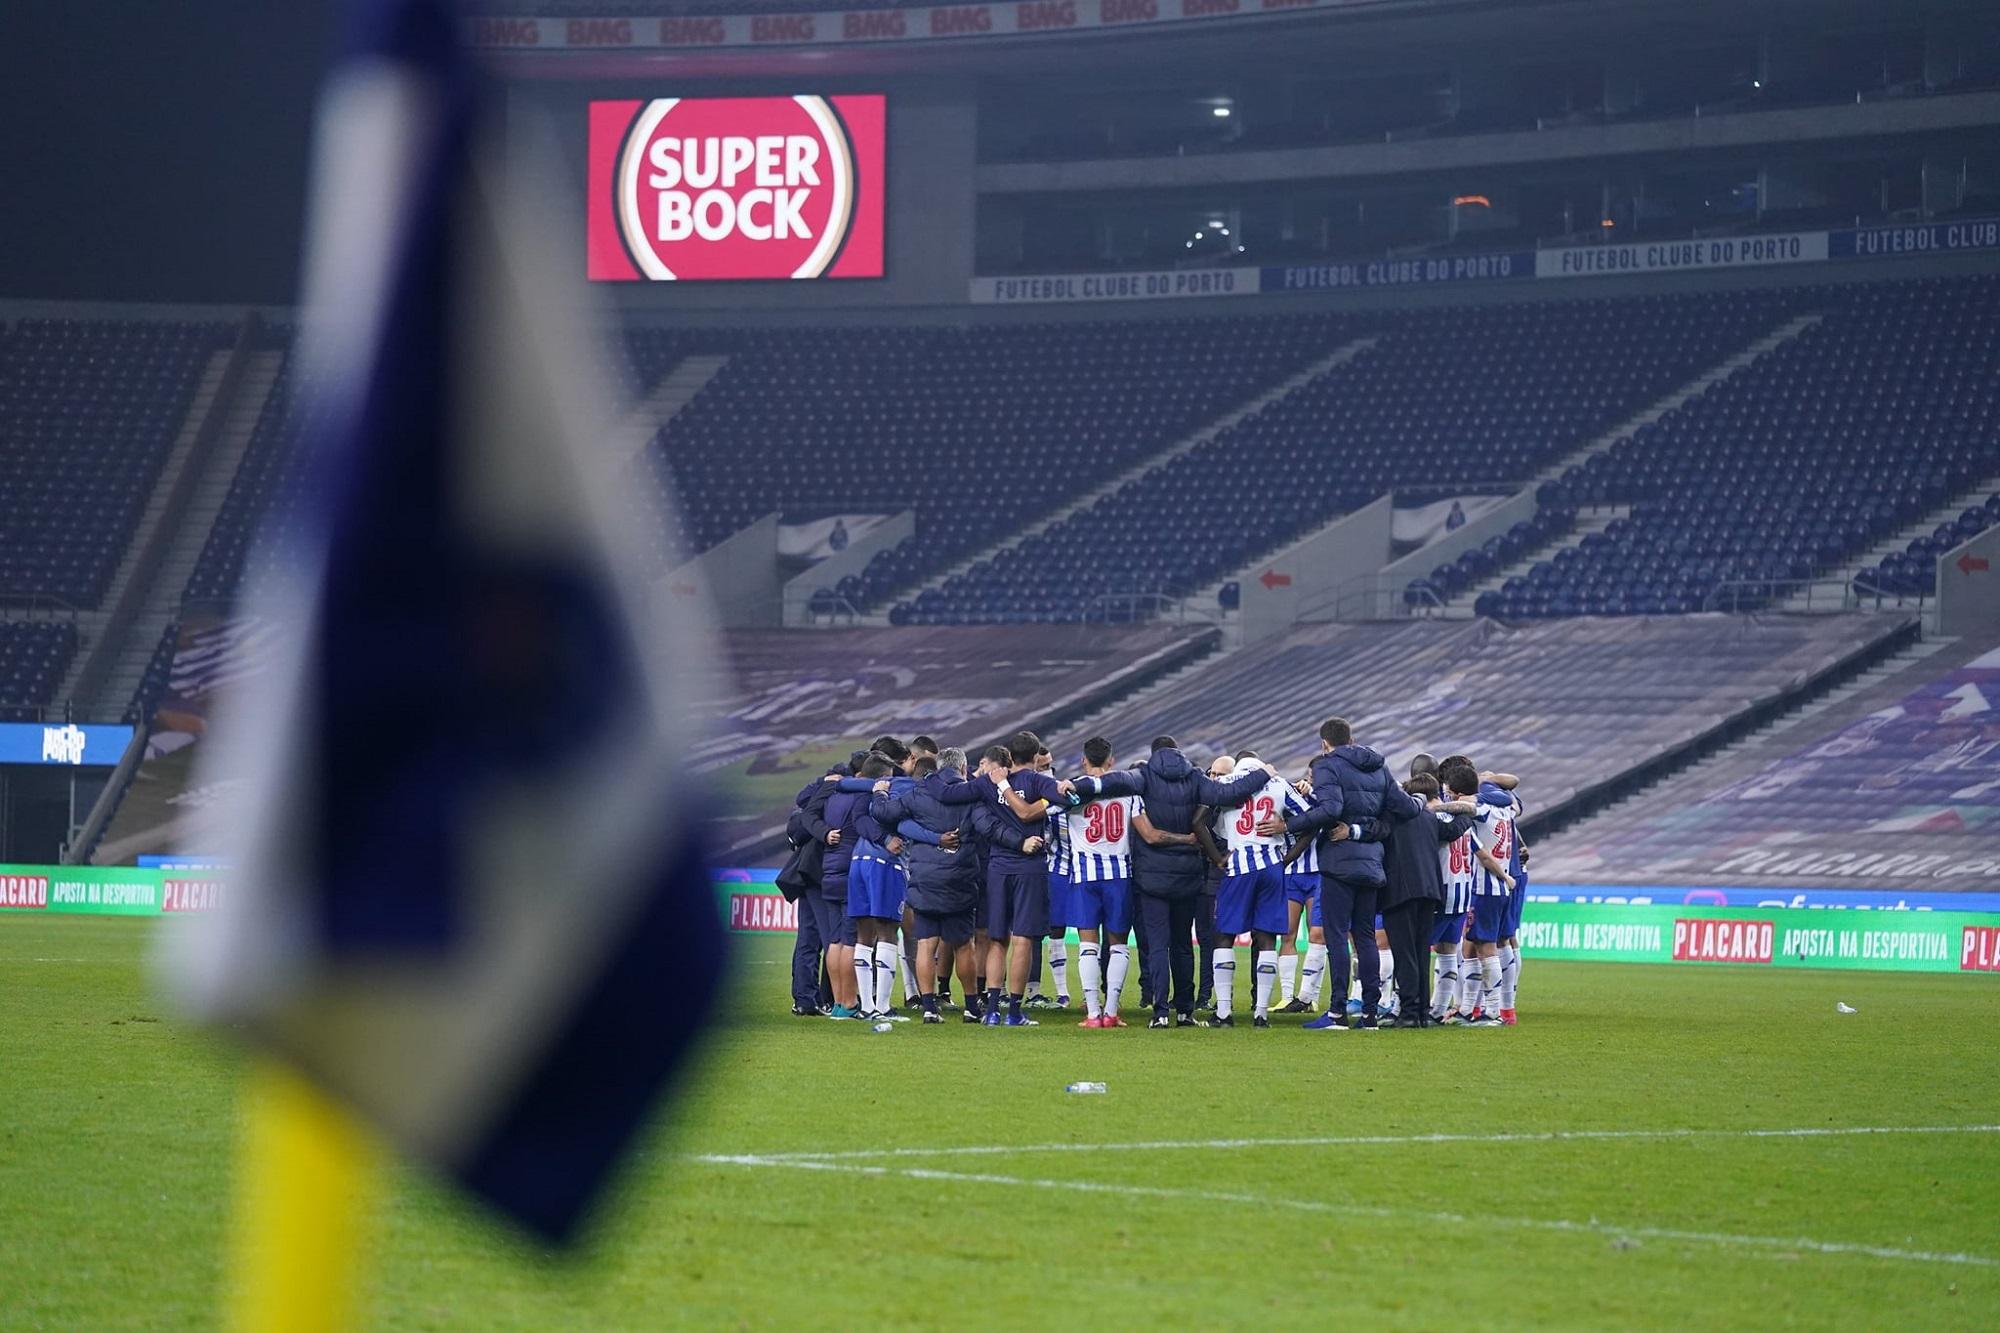 Apesar da vantagem conseguida na primeira mão, o FC Porto foi eliminado da Taça de Portugal e falha um dos objetivos da época.